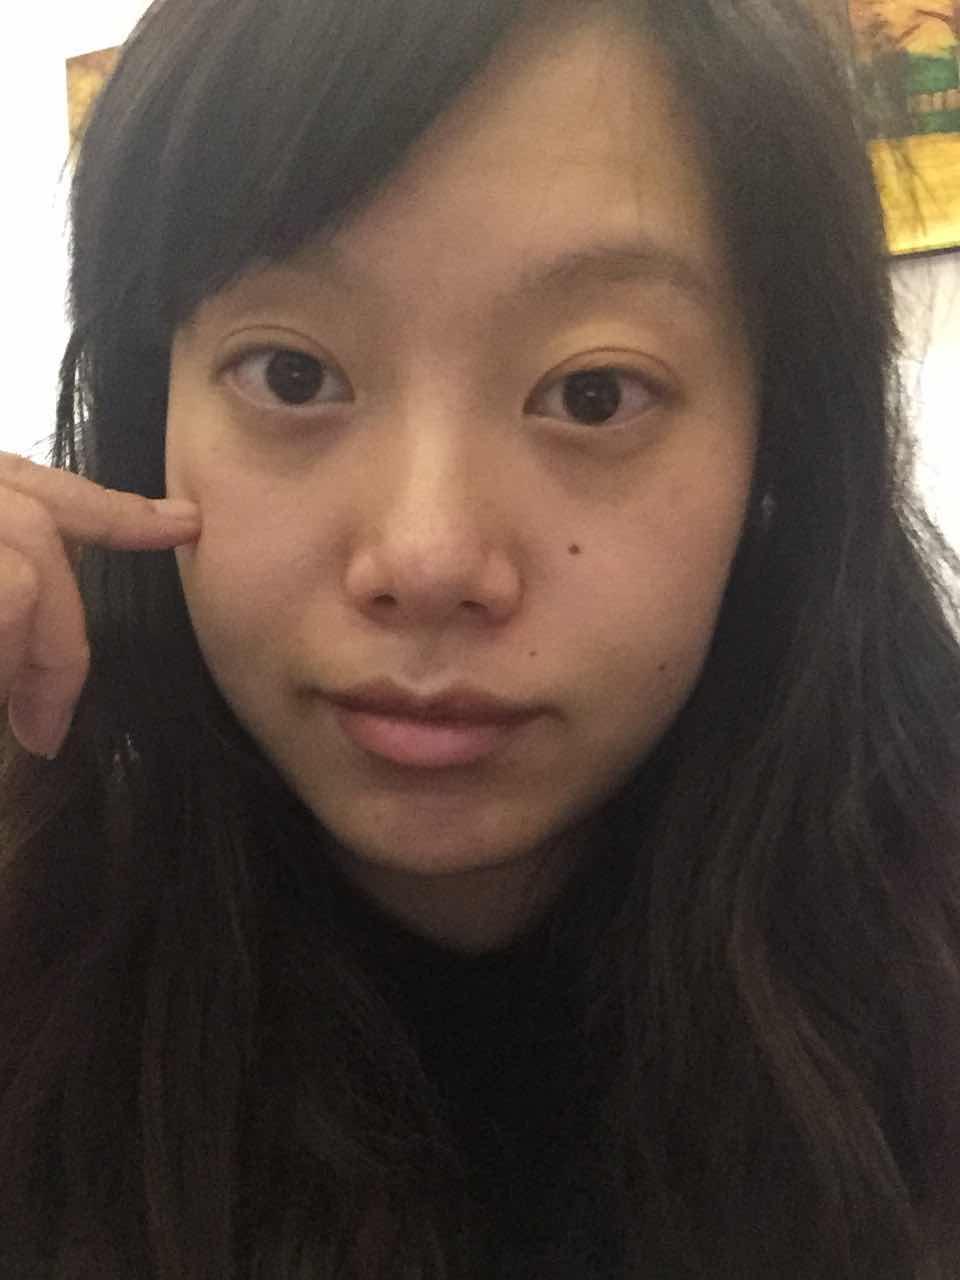 硅胶隆下巴后遗症有哪些,硅胶垫下巴,双眼皮